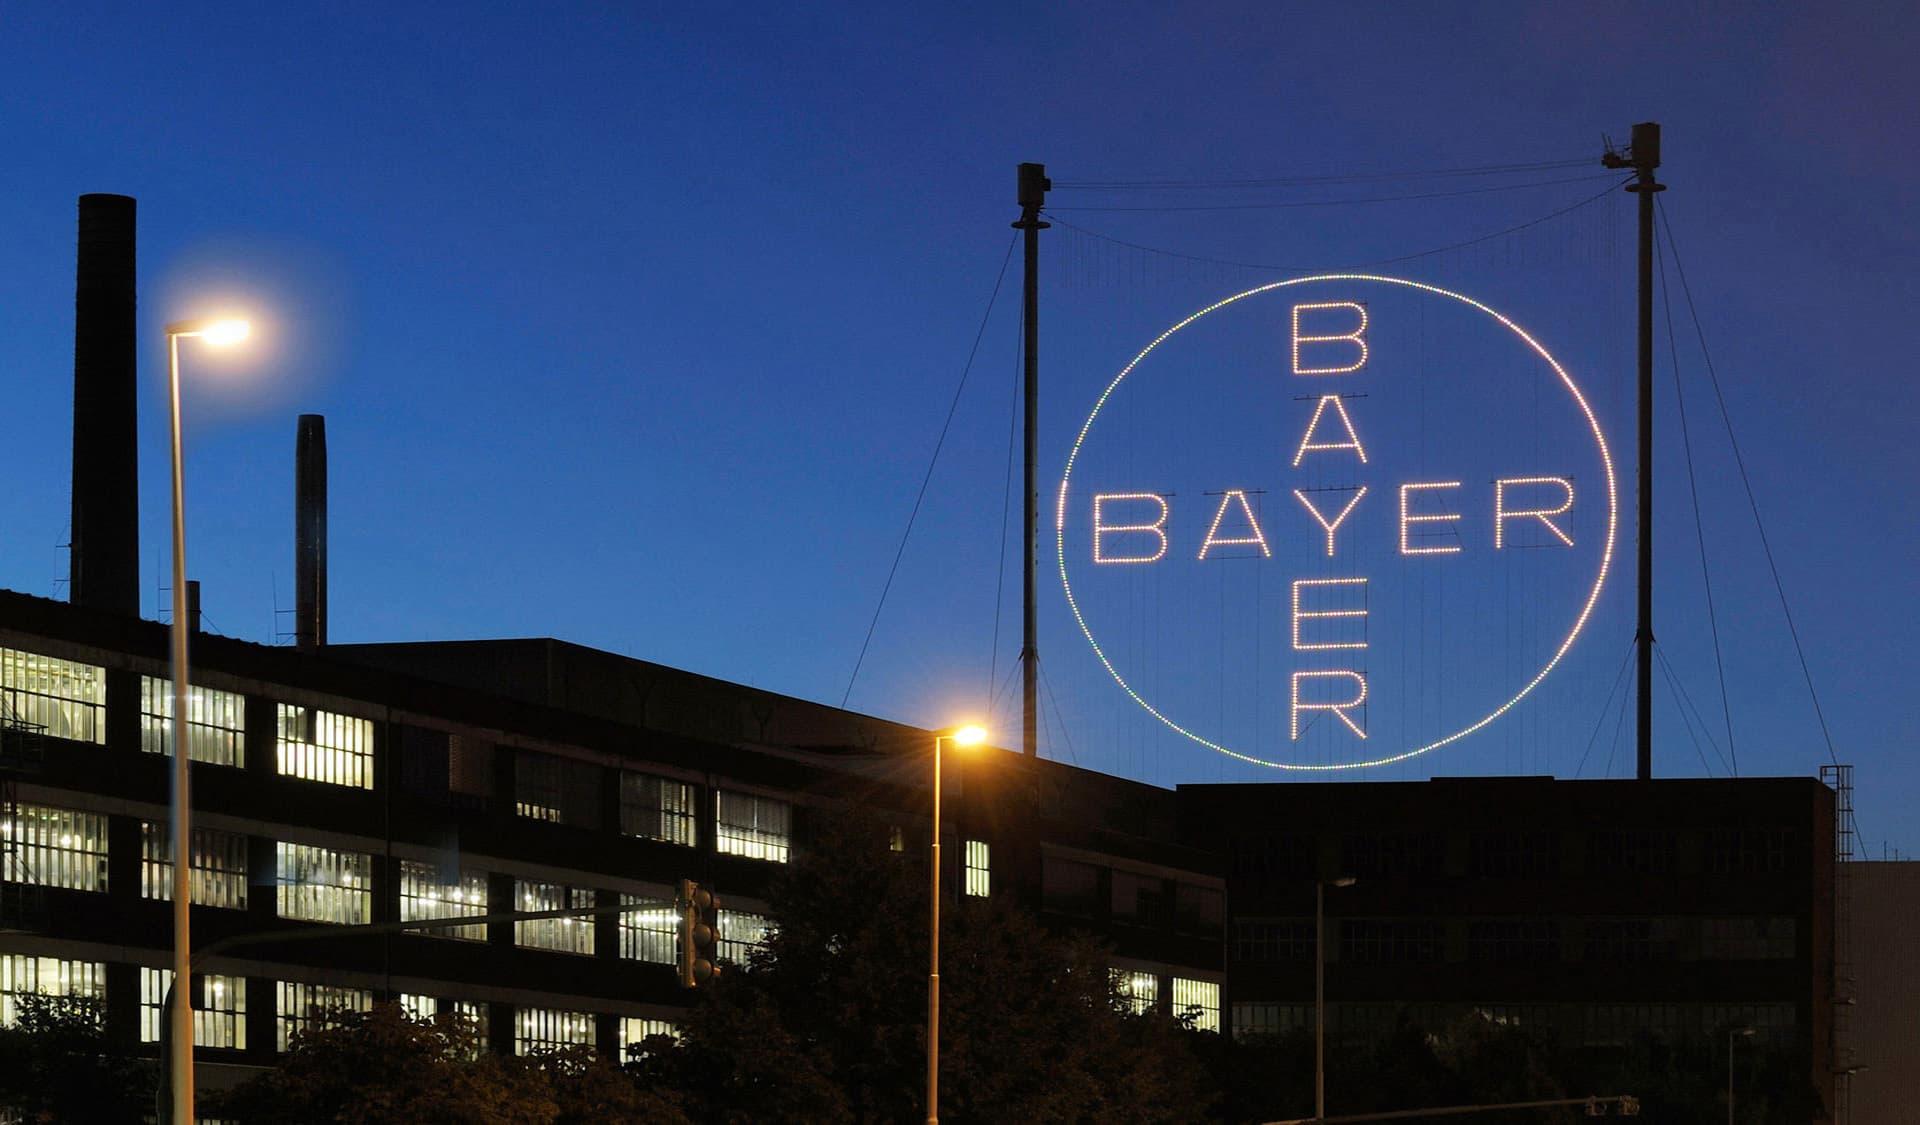 Erleuchtetes Bayer-Kreuz im Nachthimmel